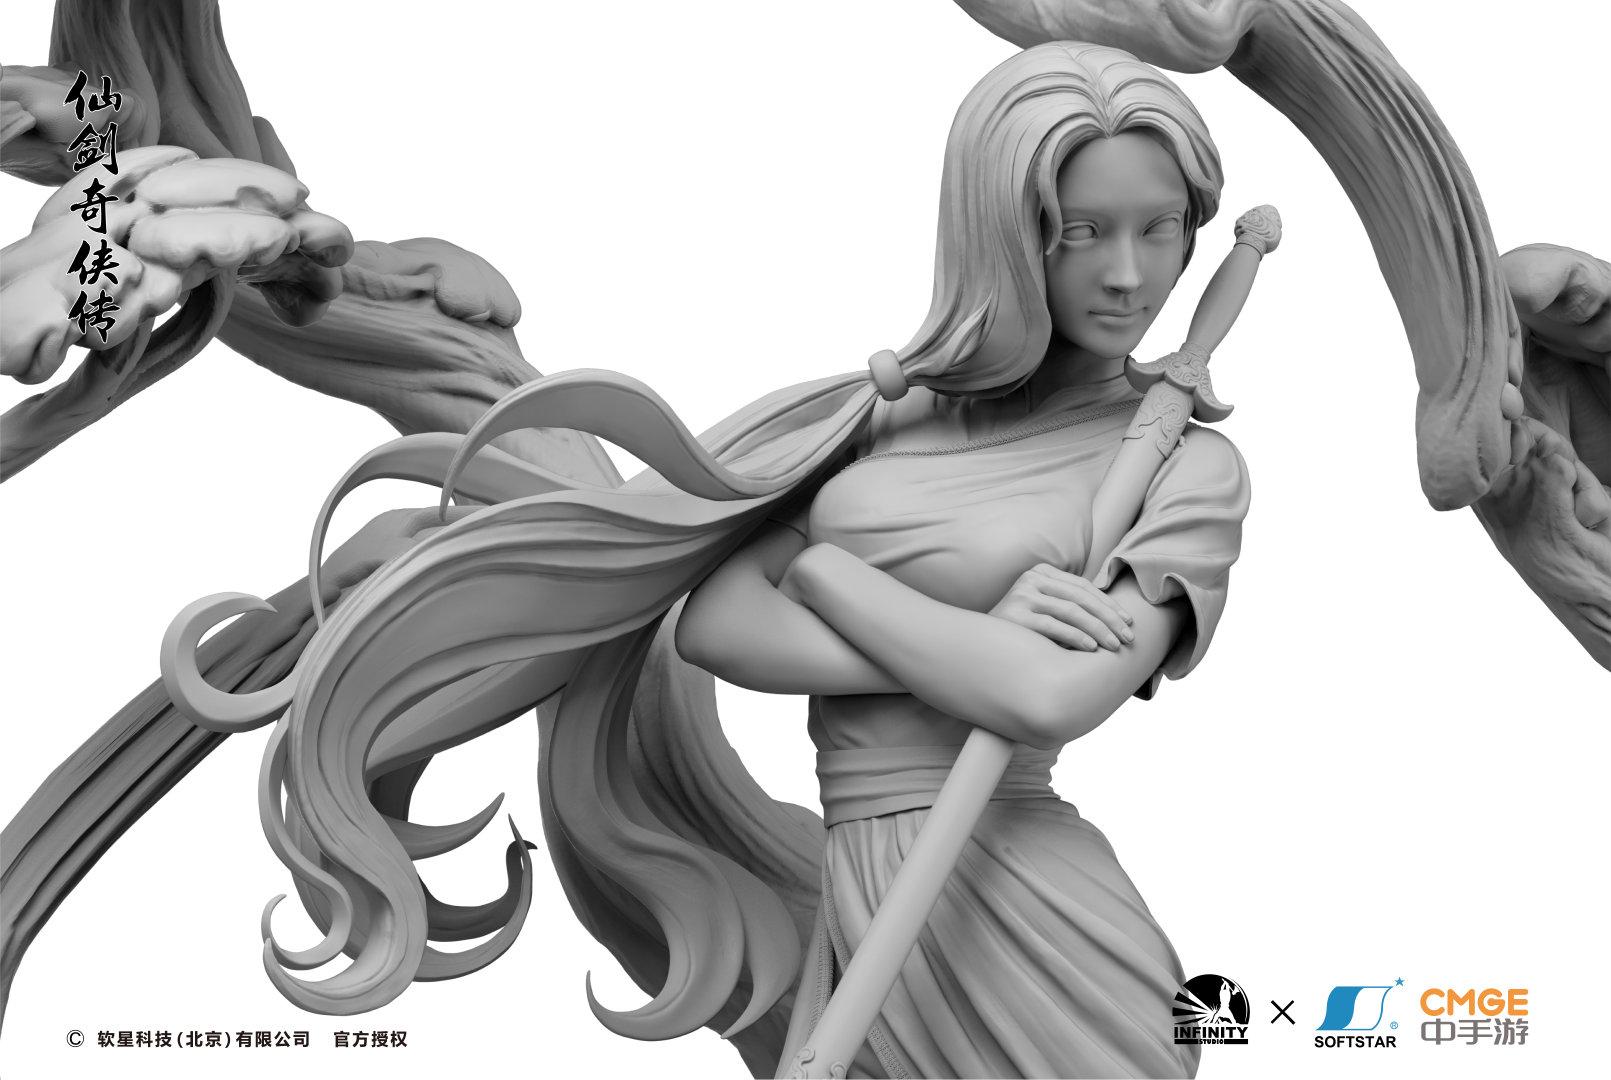 开天工作室《仙剑》雕像角色公布信息展示